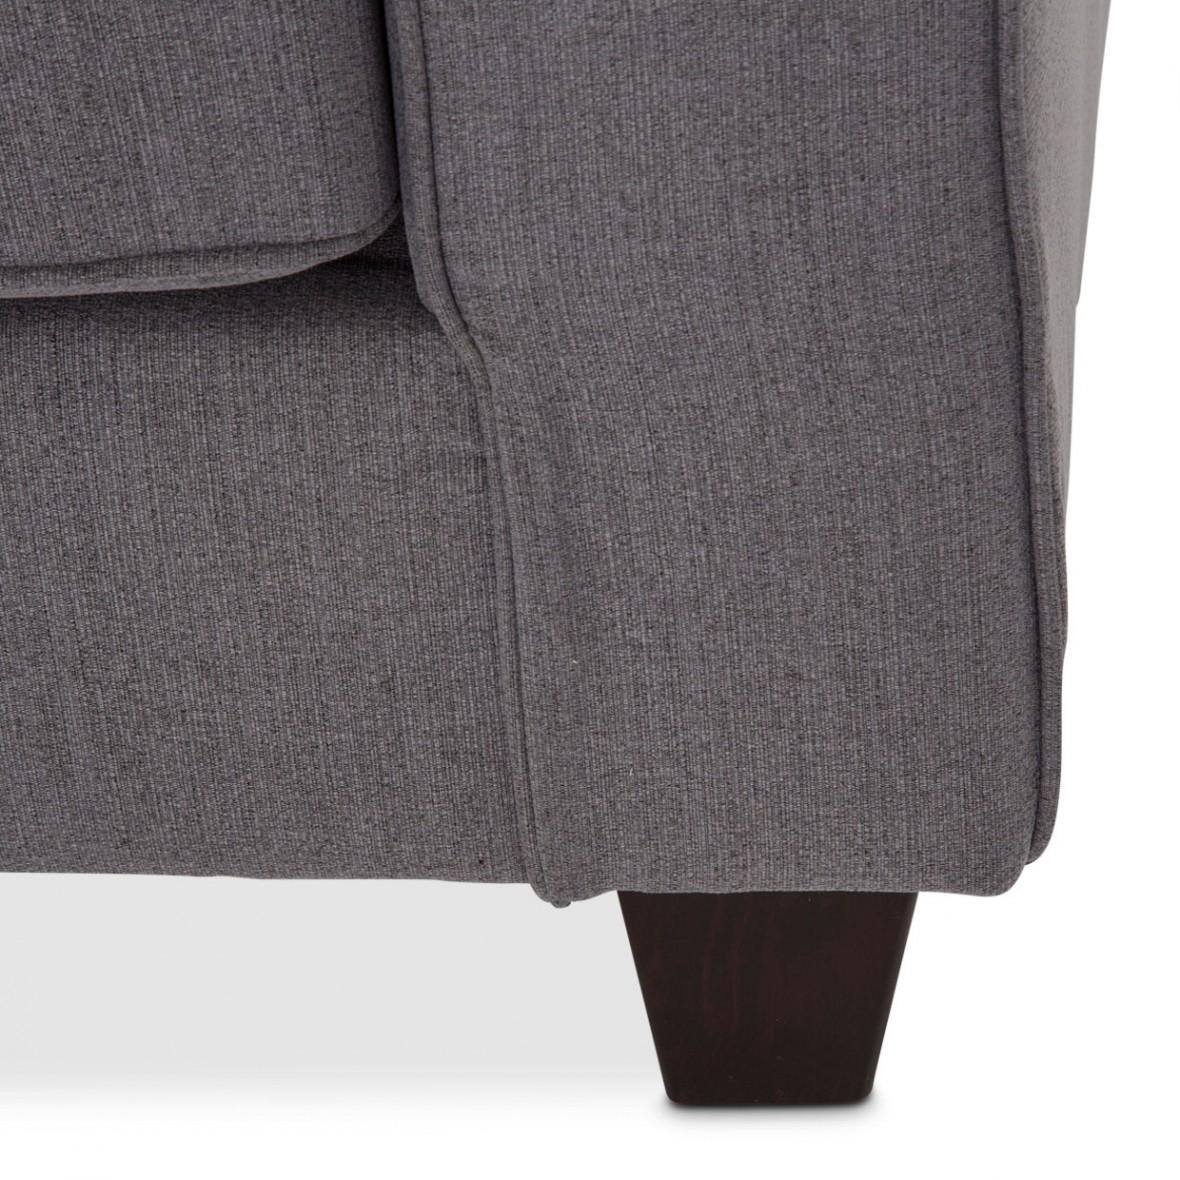 Софа 2-местная, цвет Сталь, 2 декоративных подушки